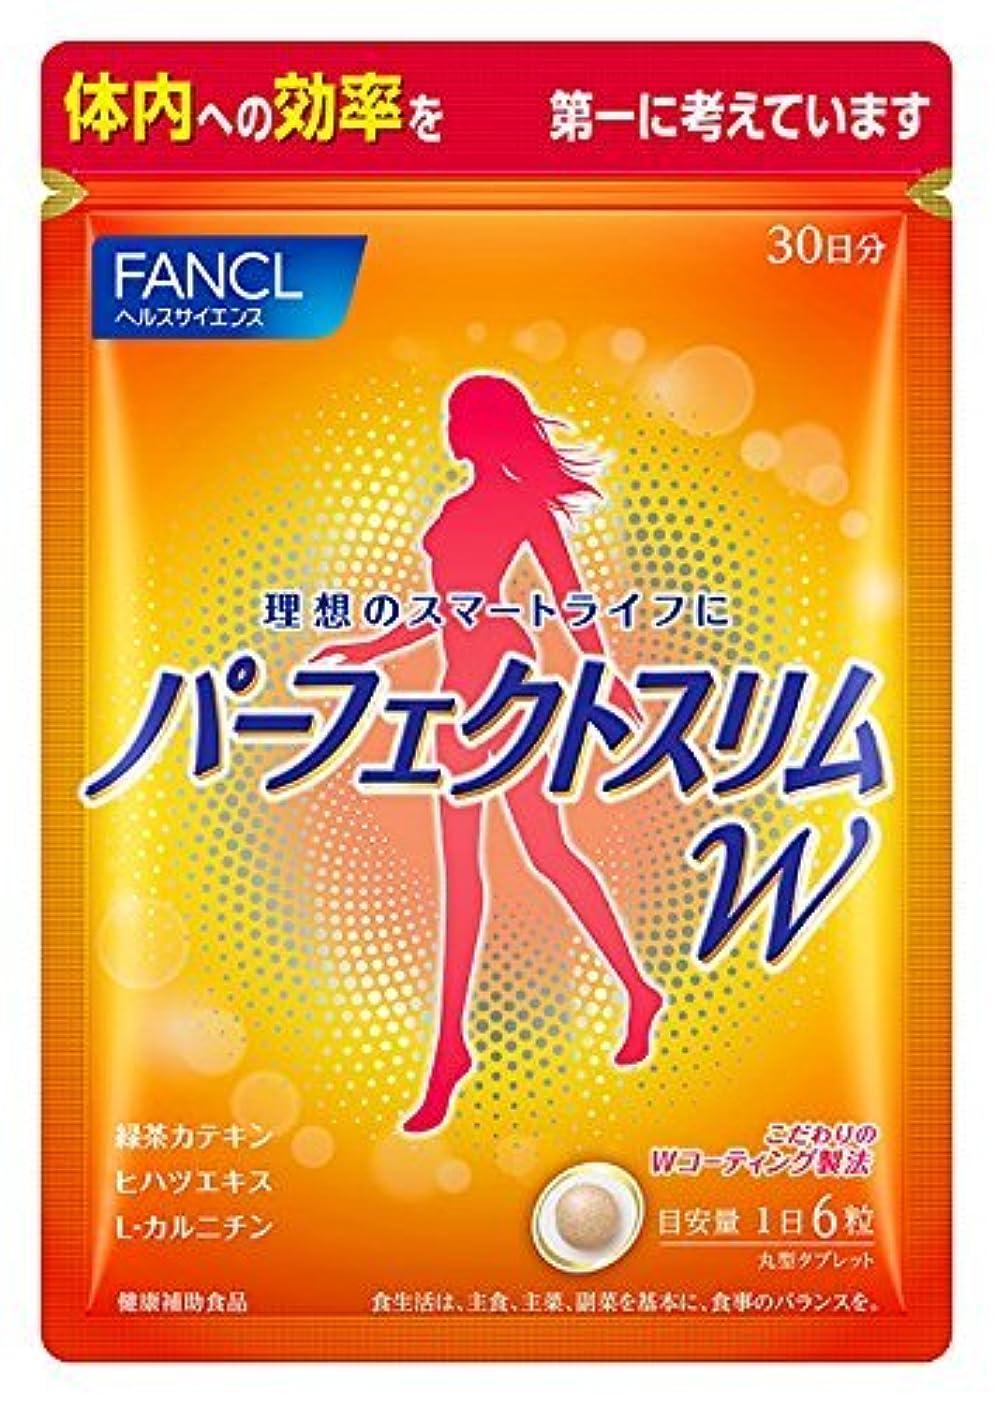 突き出す繰り返した少ない【2袋セット】ファンケル(FANCL) パーフェクトスリム W 約30日分 180粒 ×2袋